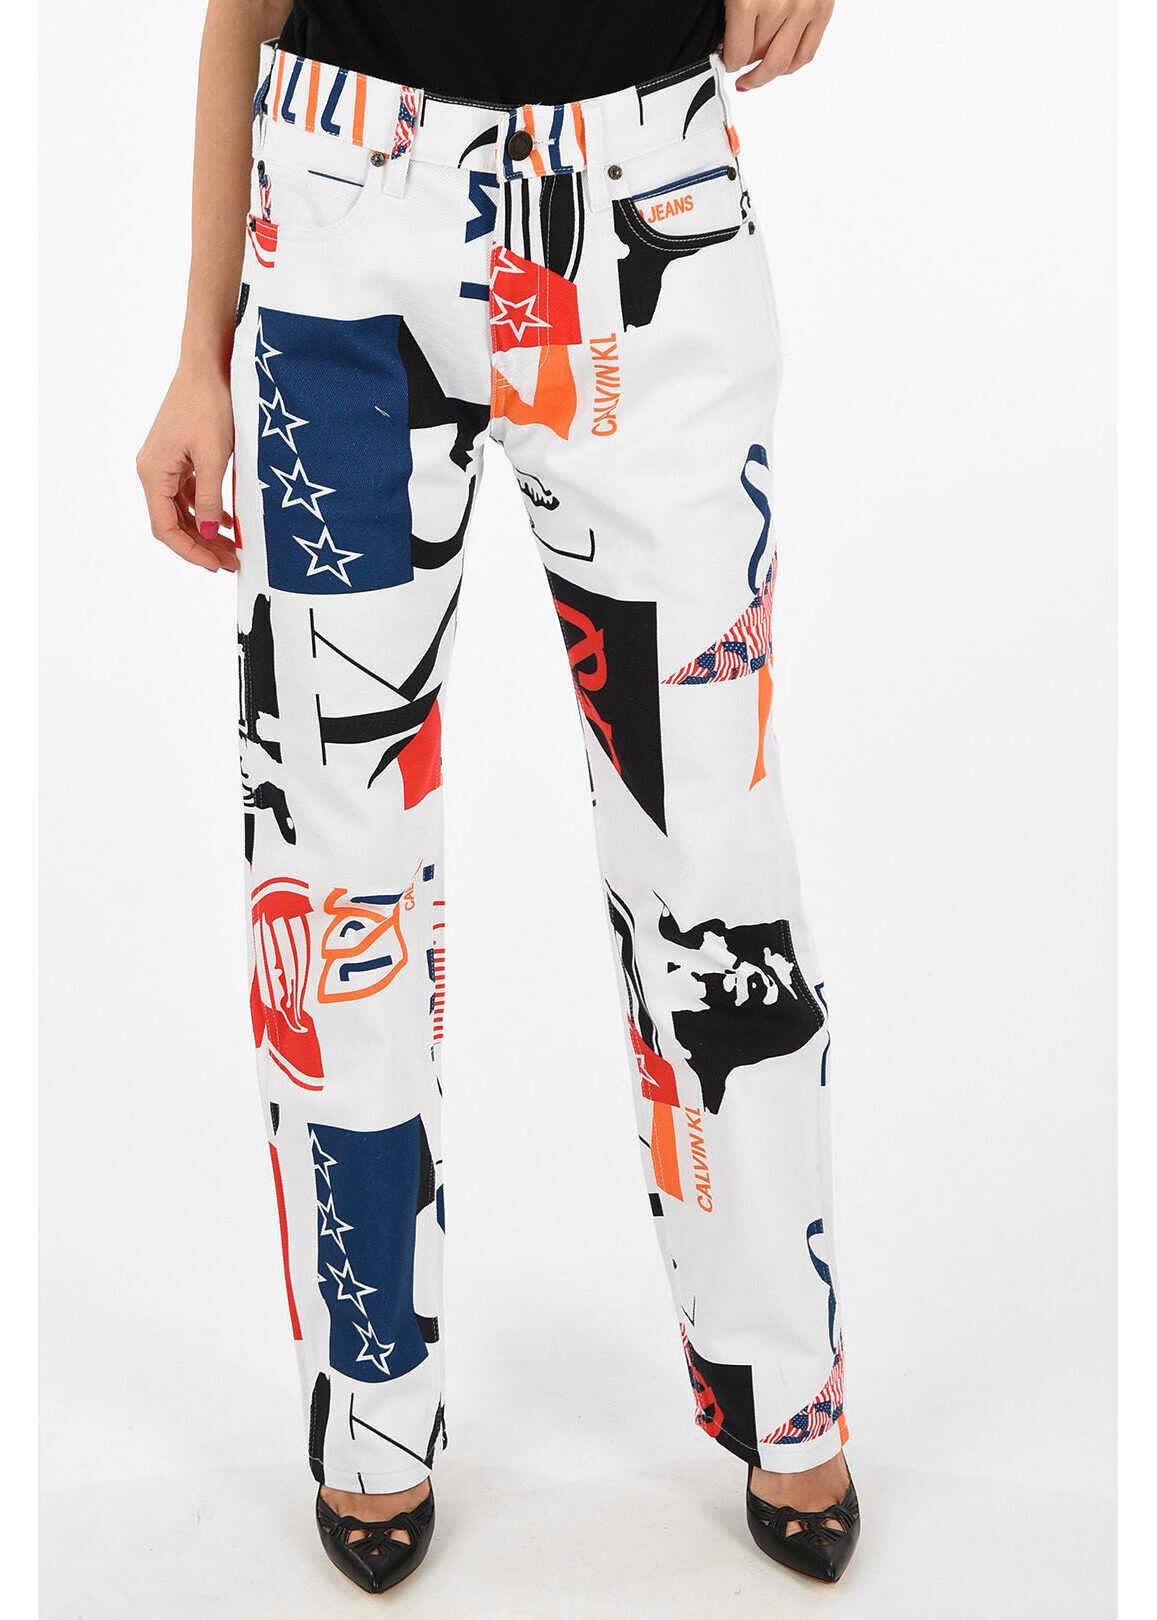 Calvin Klein JEANS EST.1978 croquis-print straight fit jeans MULTICOLOR